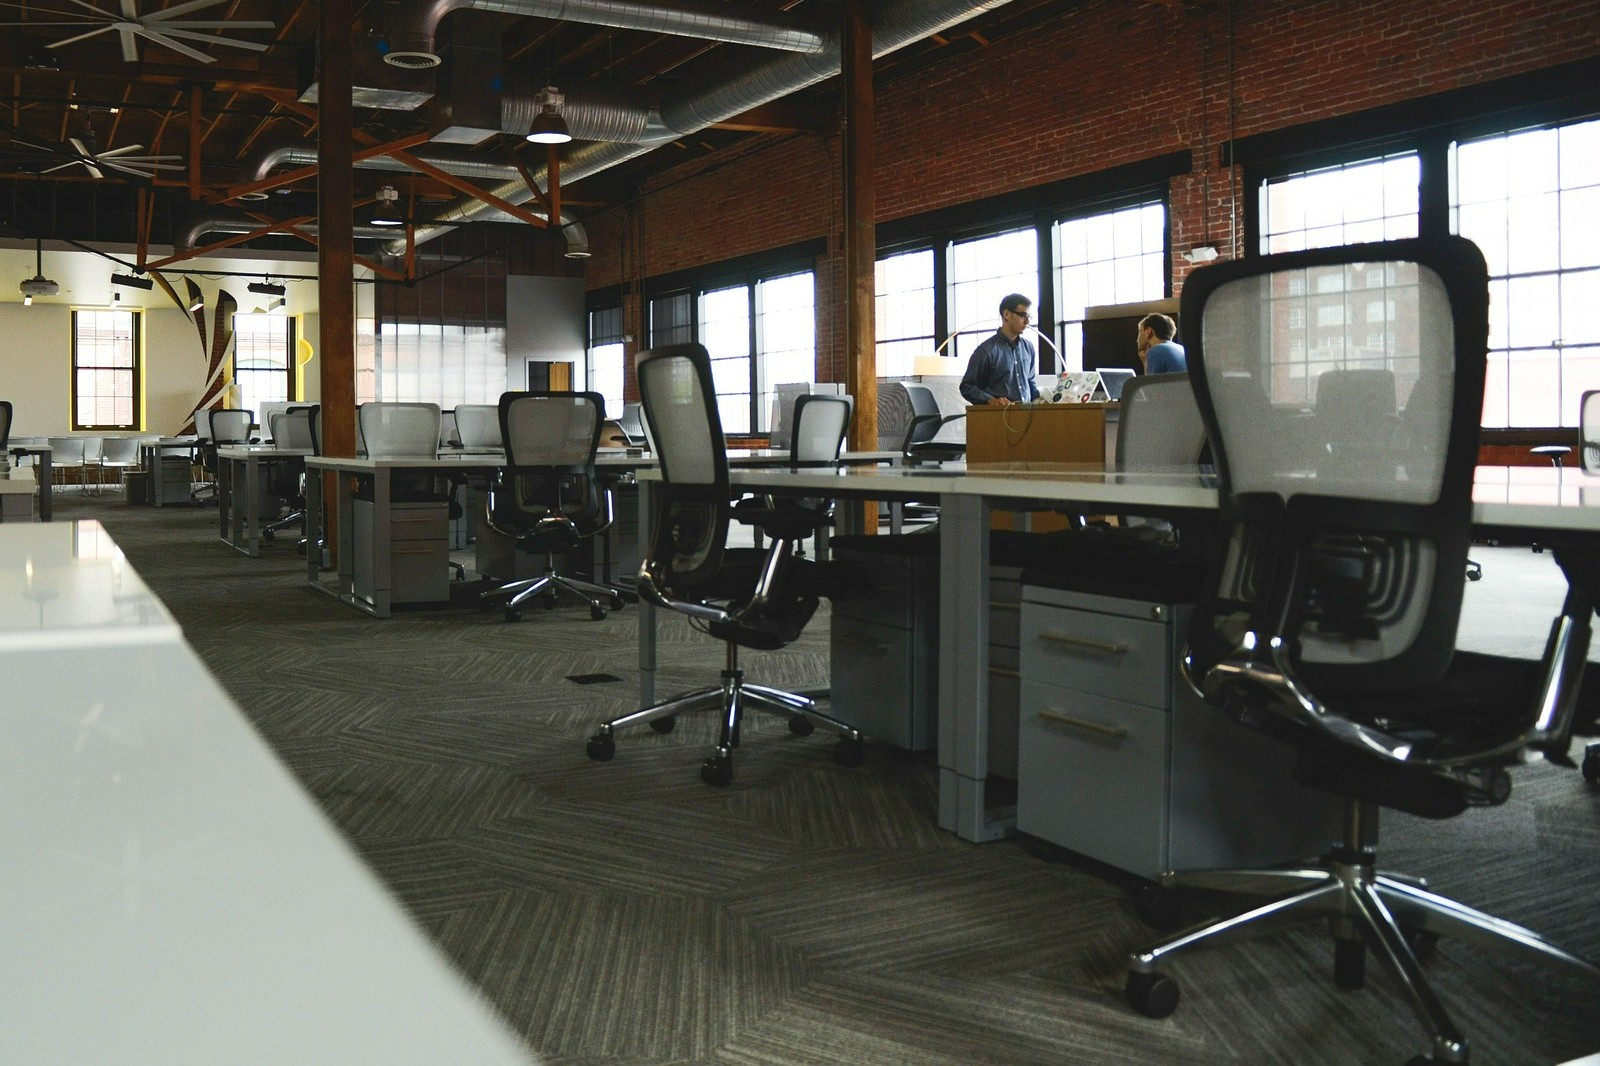 bürostuhl für 8 stunden sitzen